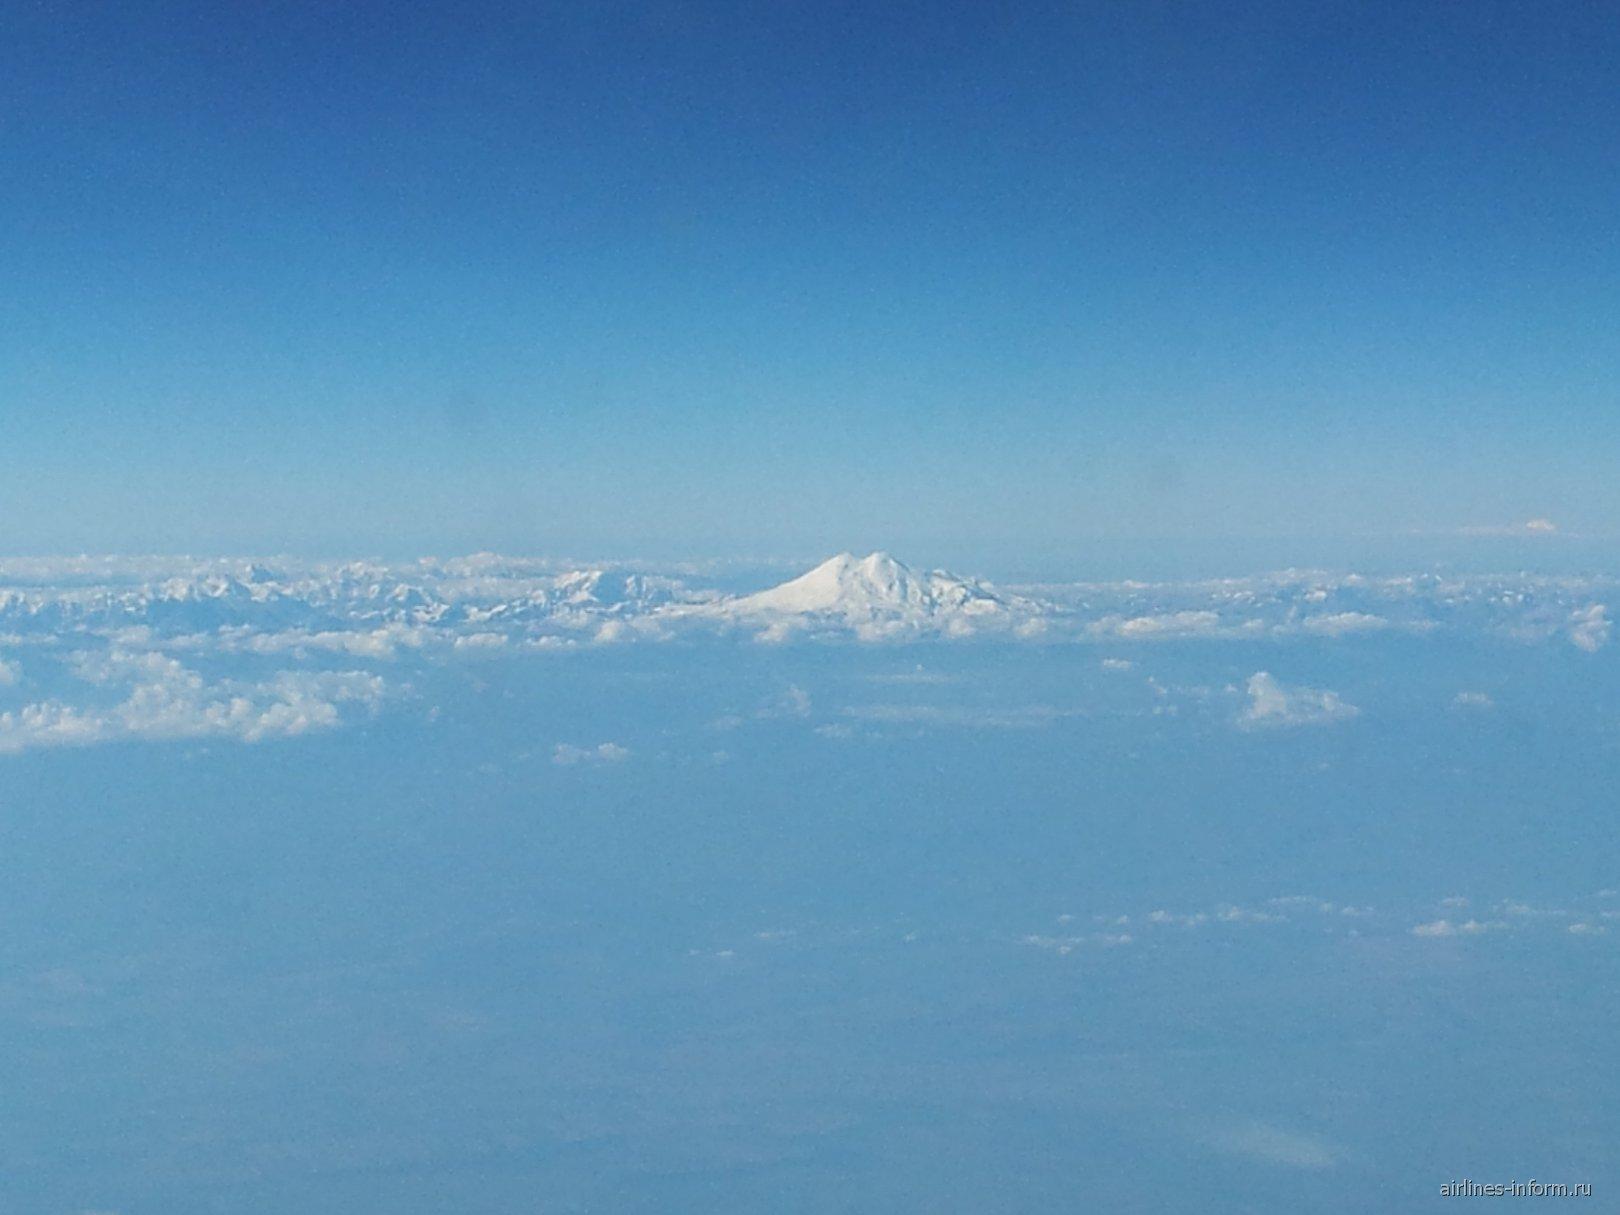 Пролетая над Кавказскими горами